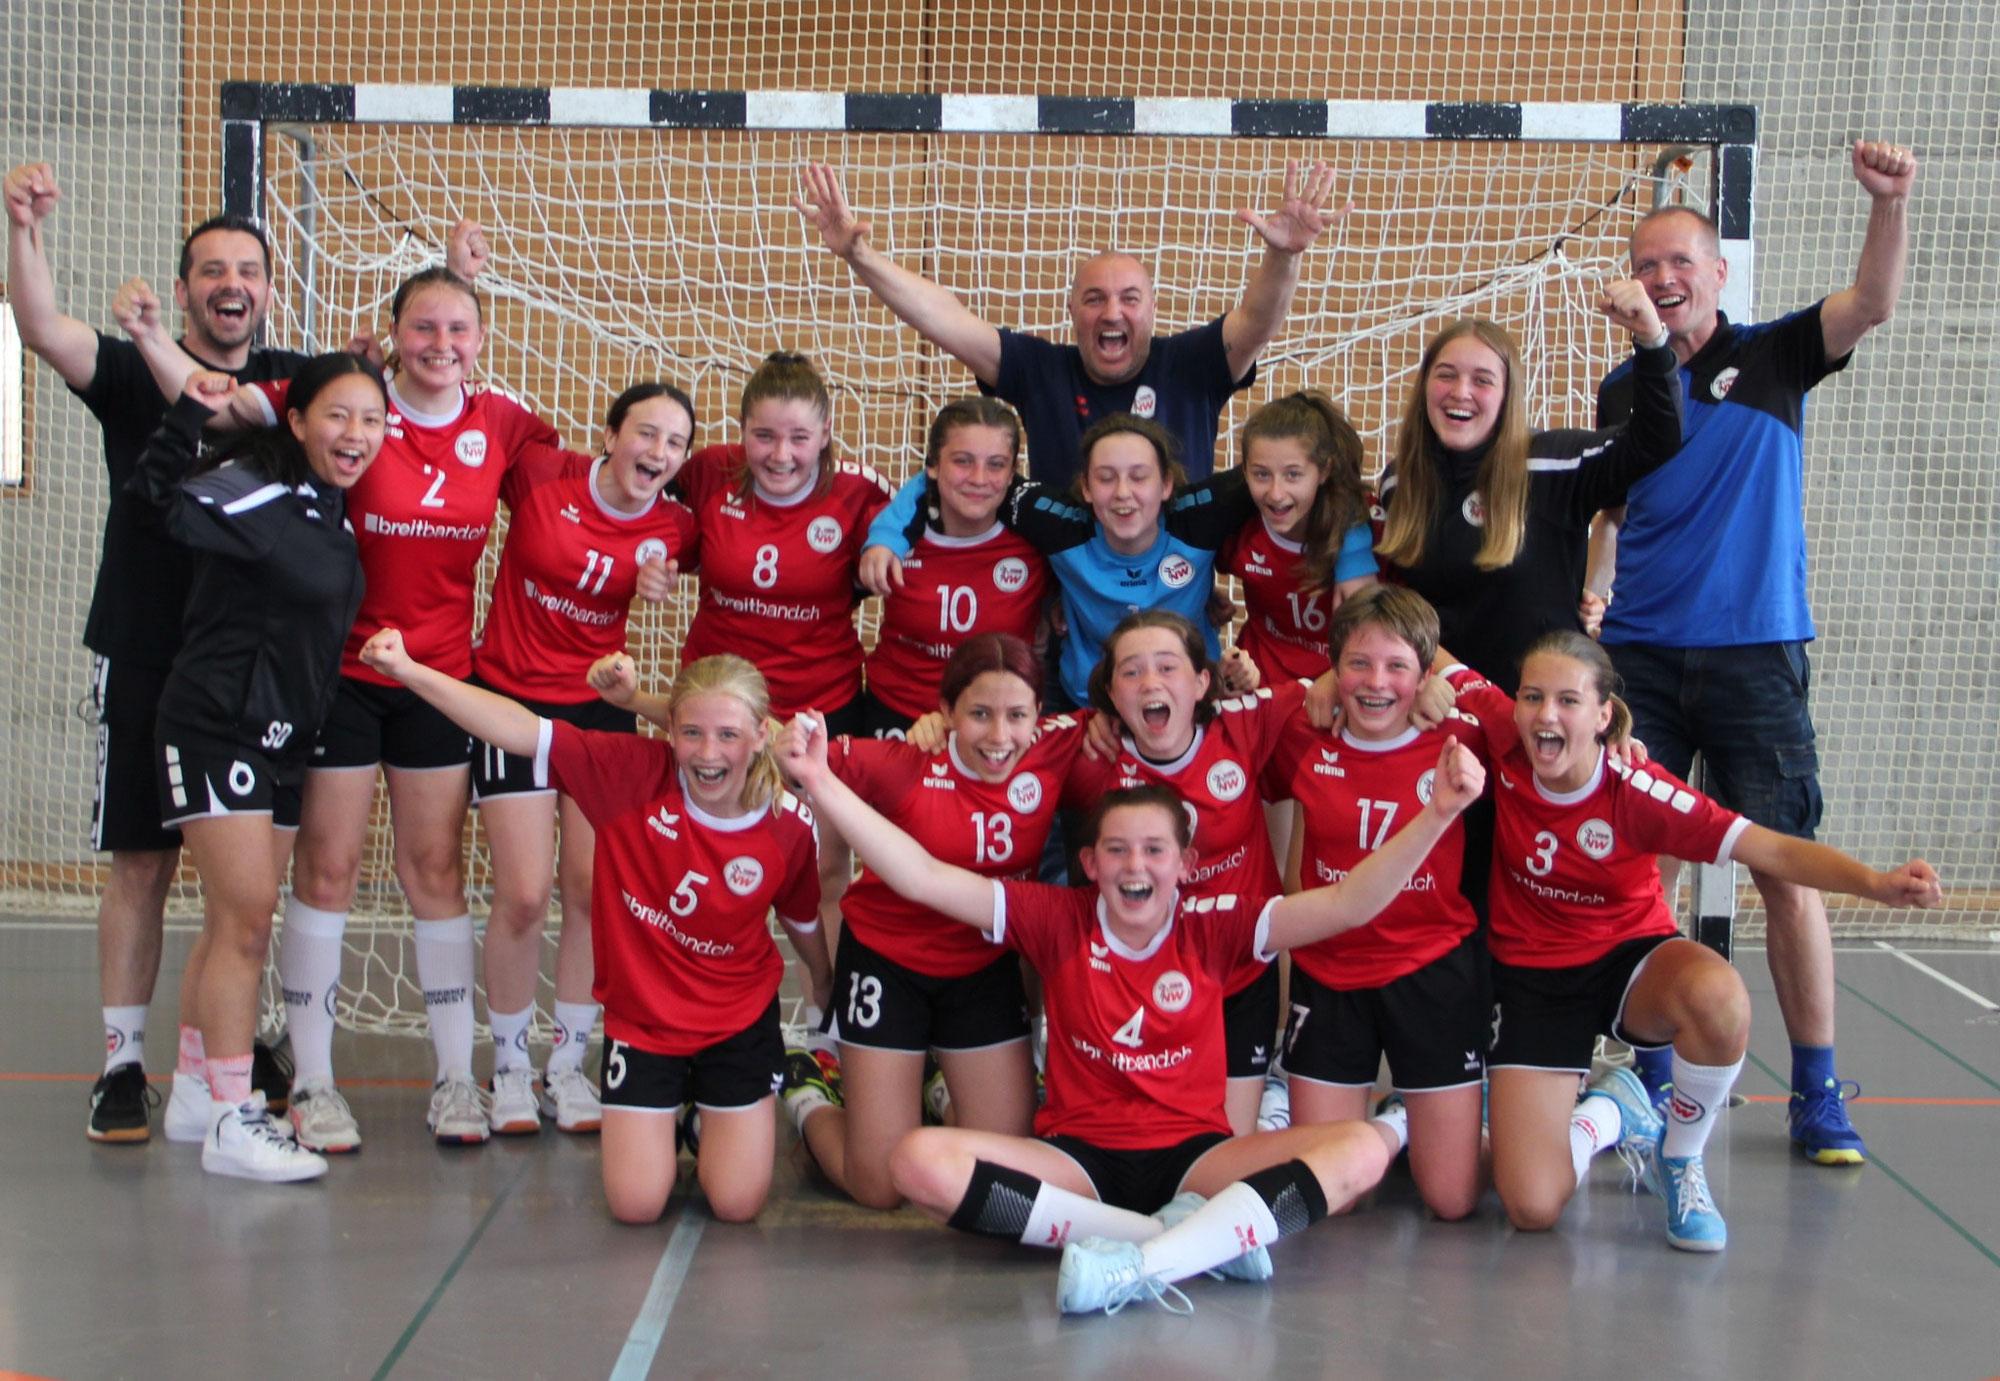 Matchbericht: Entscheidungsrunde gegen Herzogenbuchsee mit Happy End!